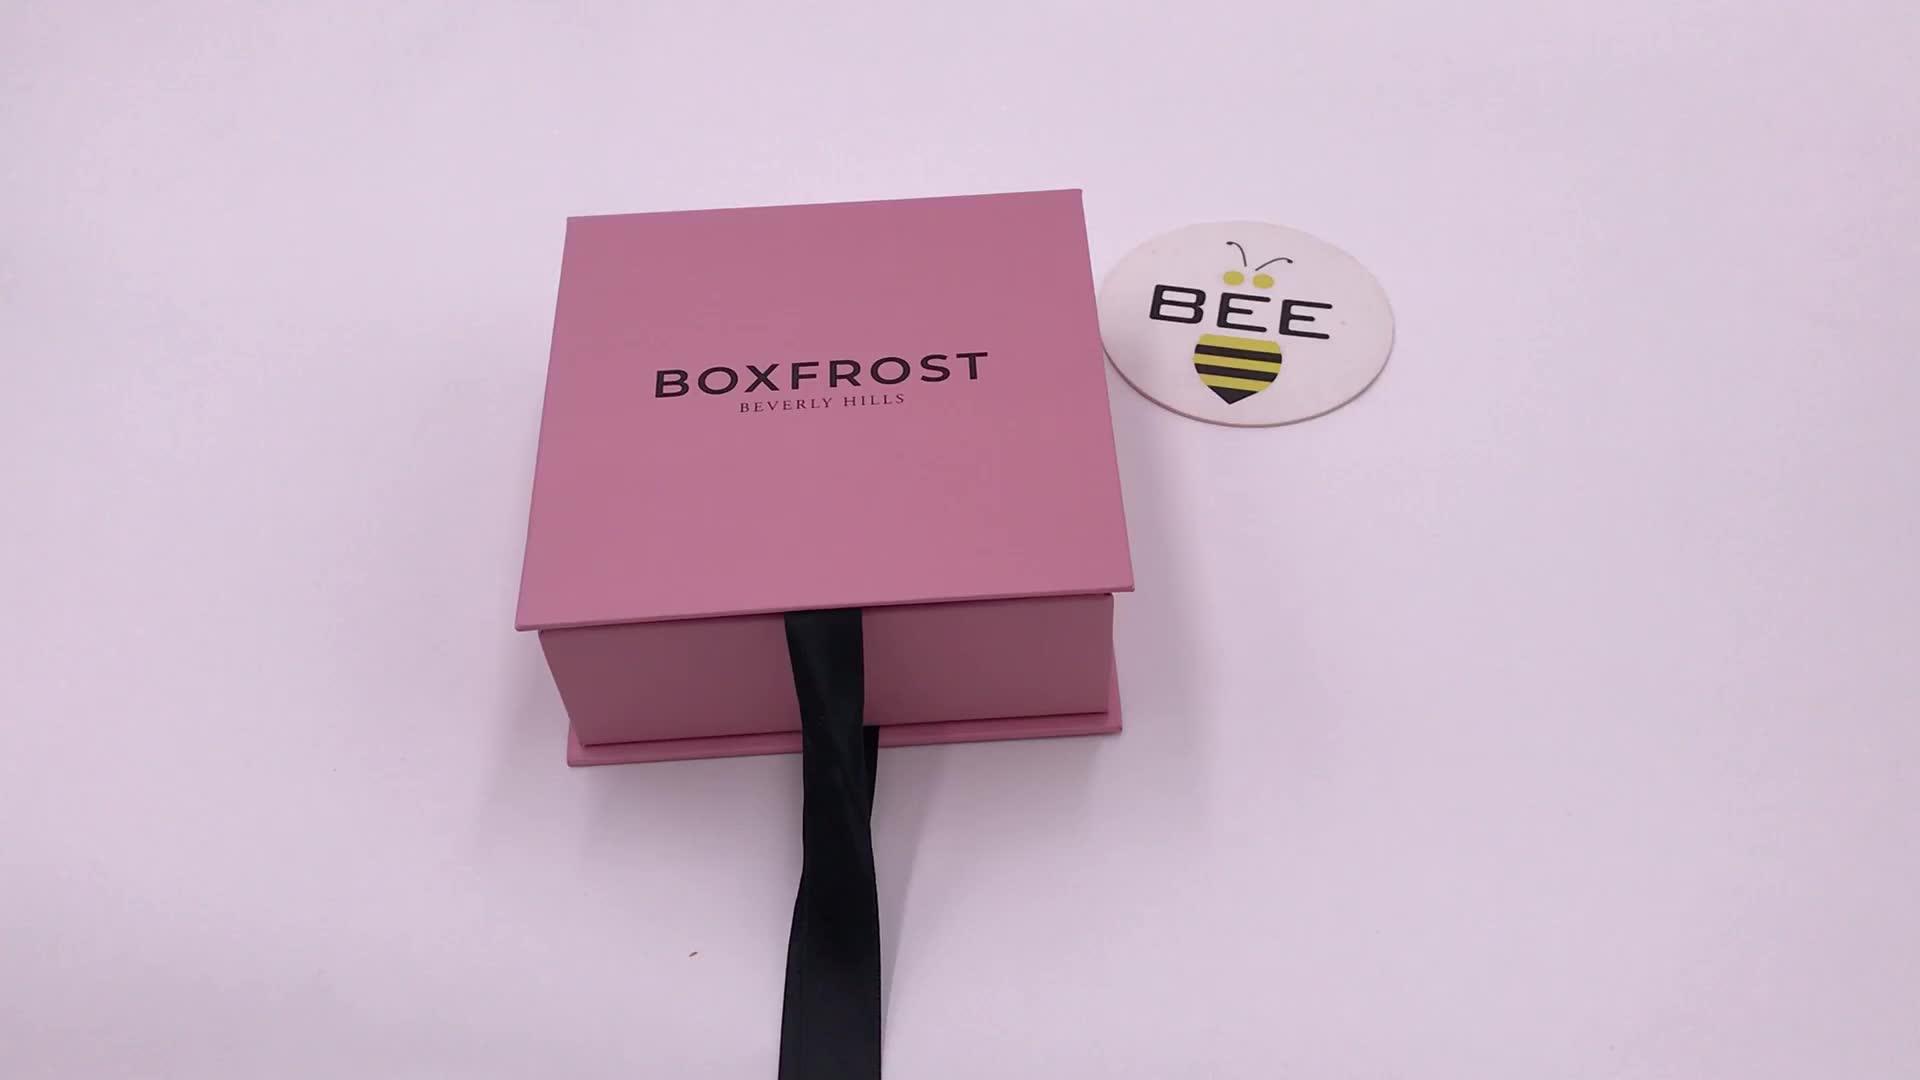 चीन आपूर्तिकर्ताओं खुदरा कस्टम लोगो मुद्रित कॉस्मेटिक पैकेजिंग बक्से कागज चुंबकीय उपहार बॉक्स के साथ रिबन